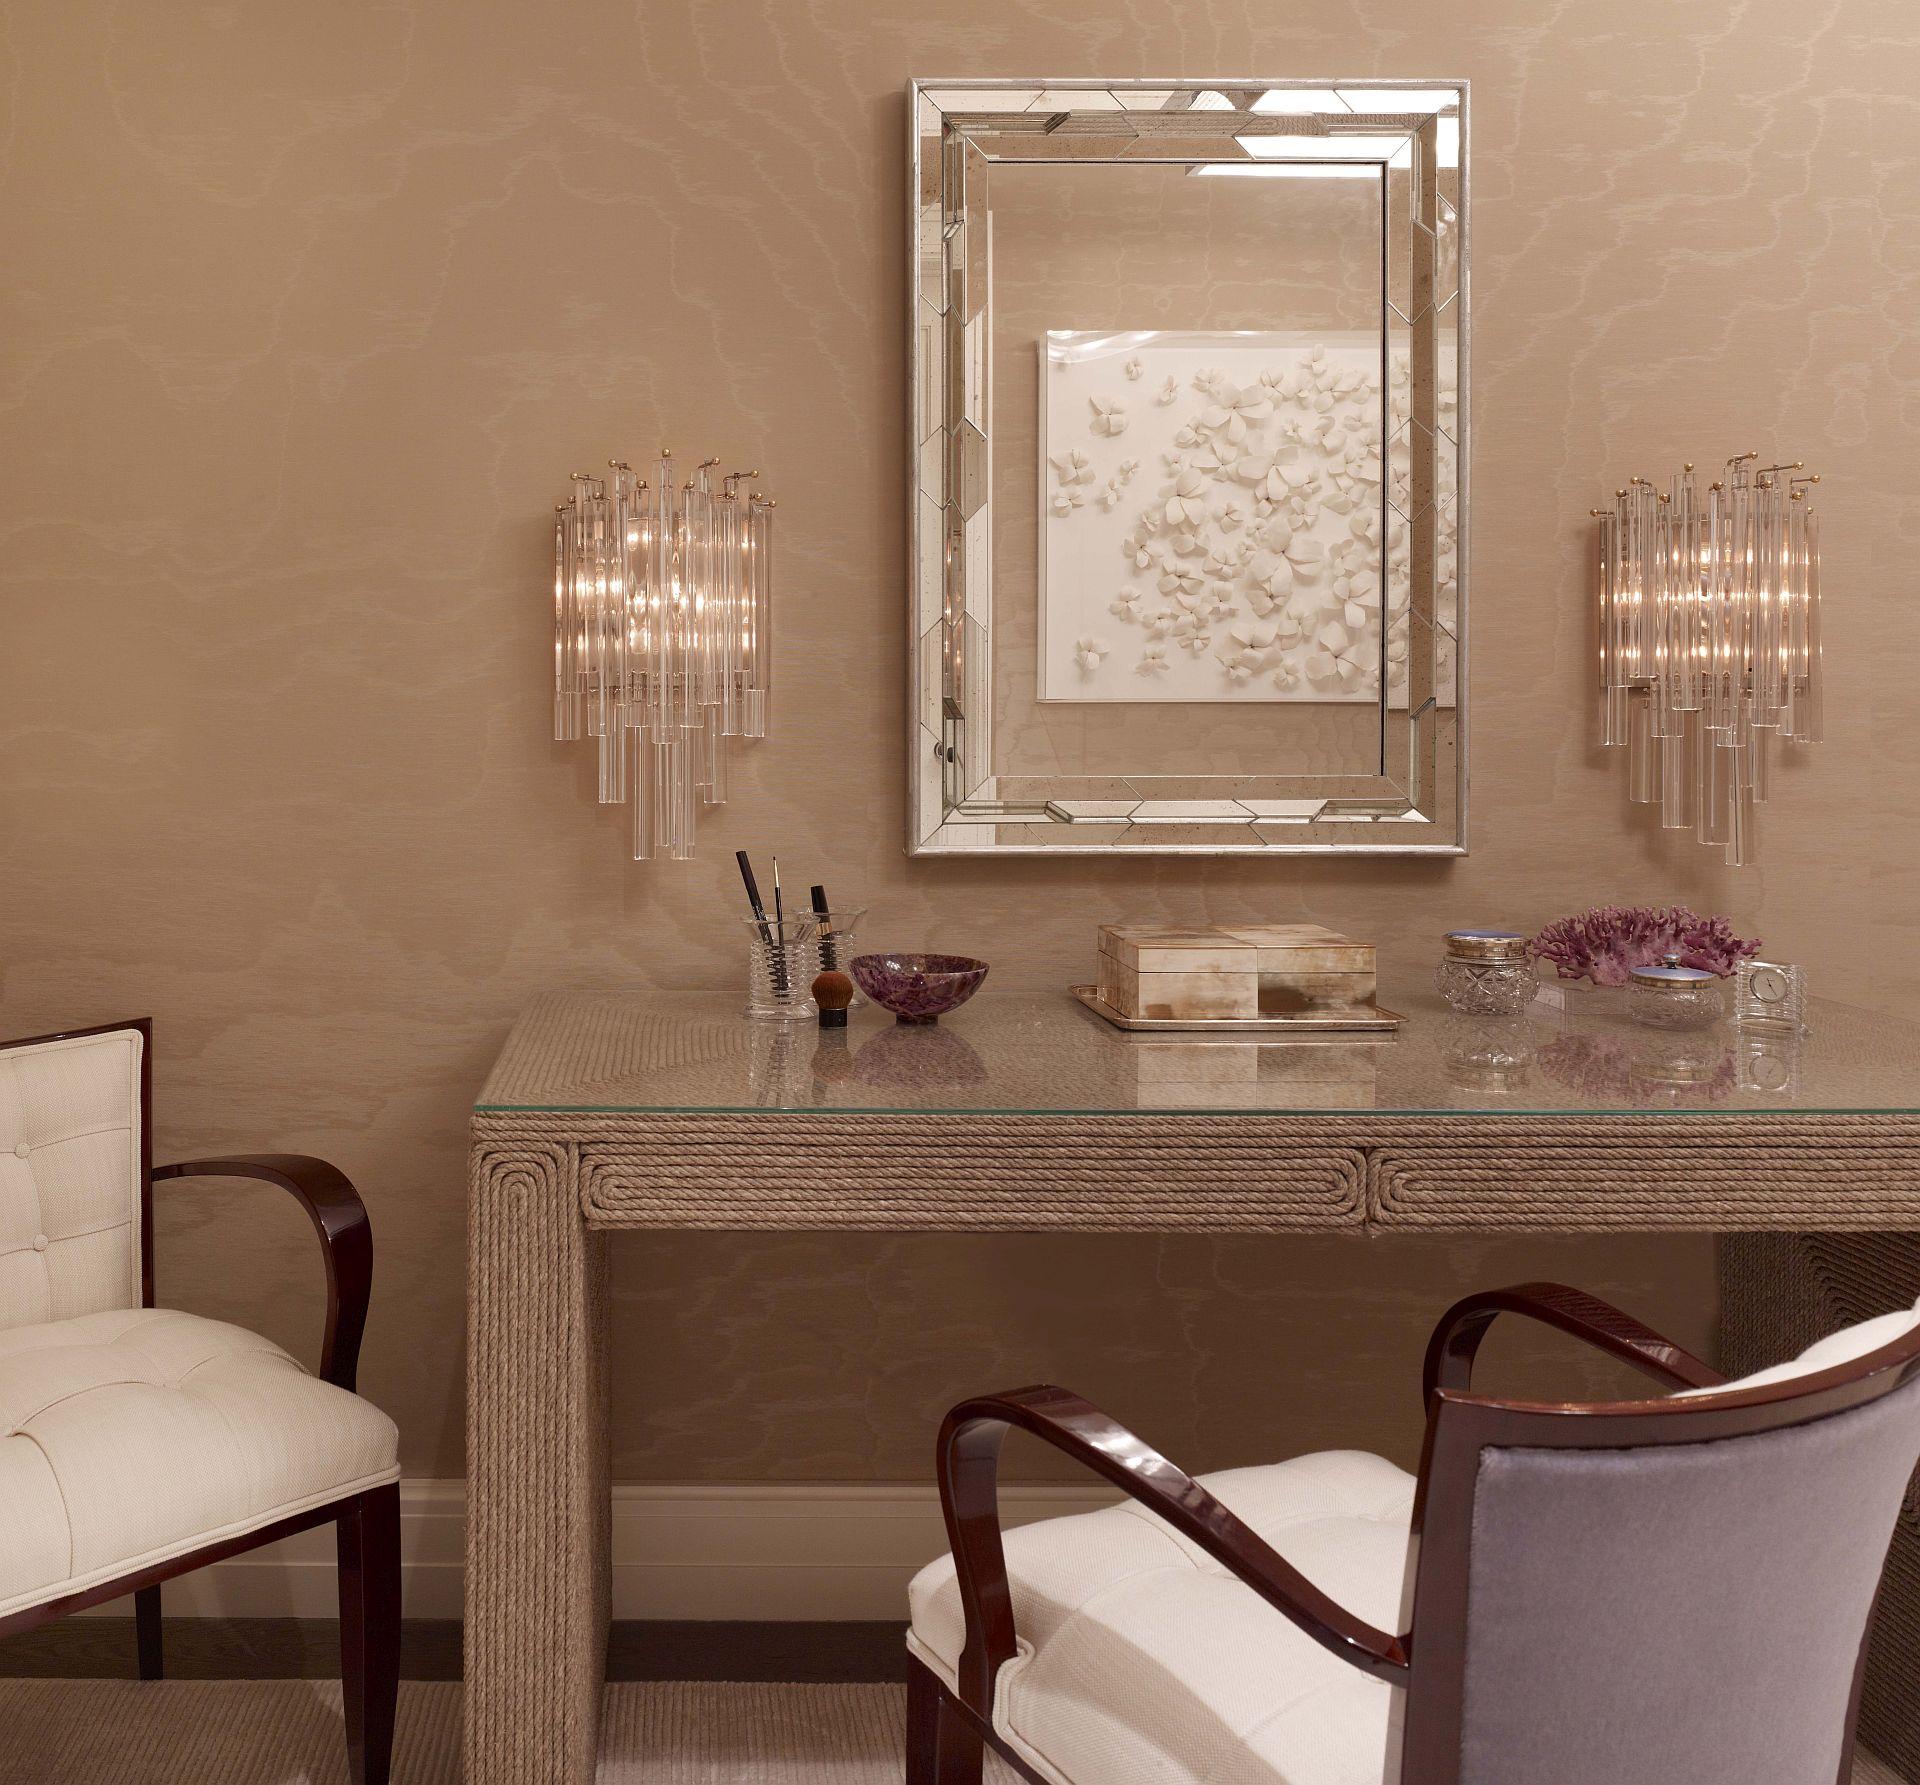 22_Suite 2 Dressing table1_final.jpg